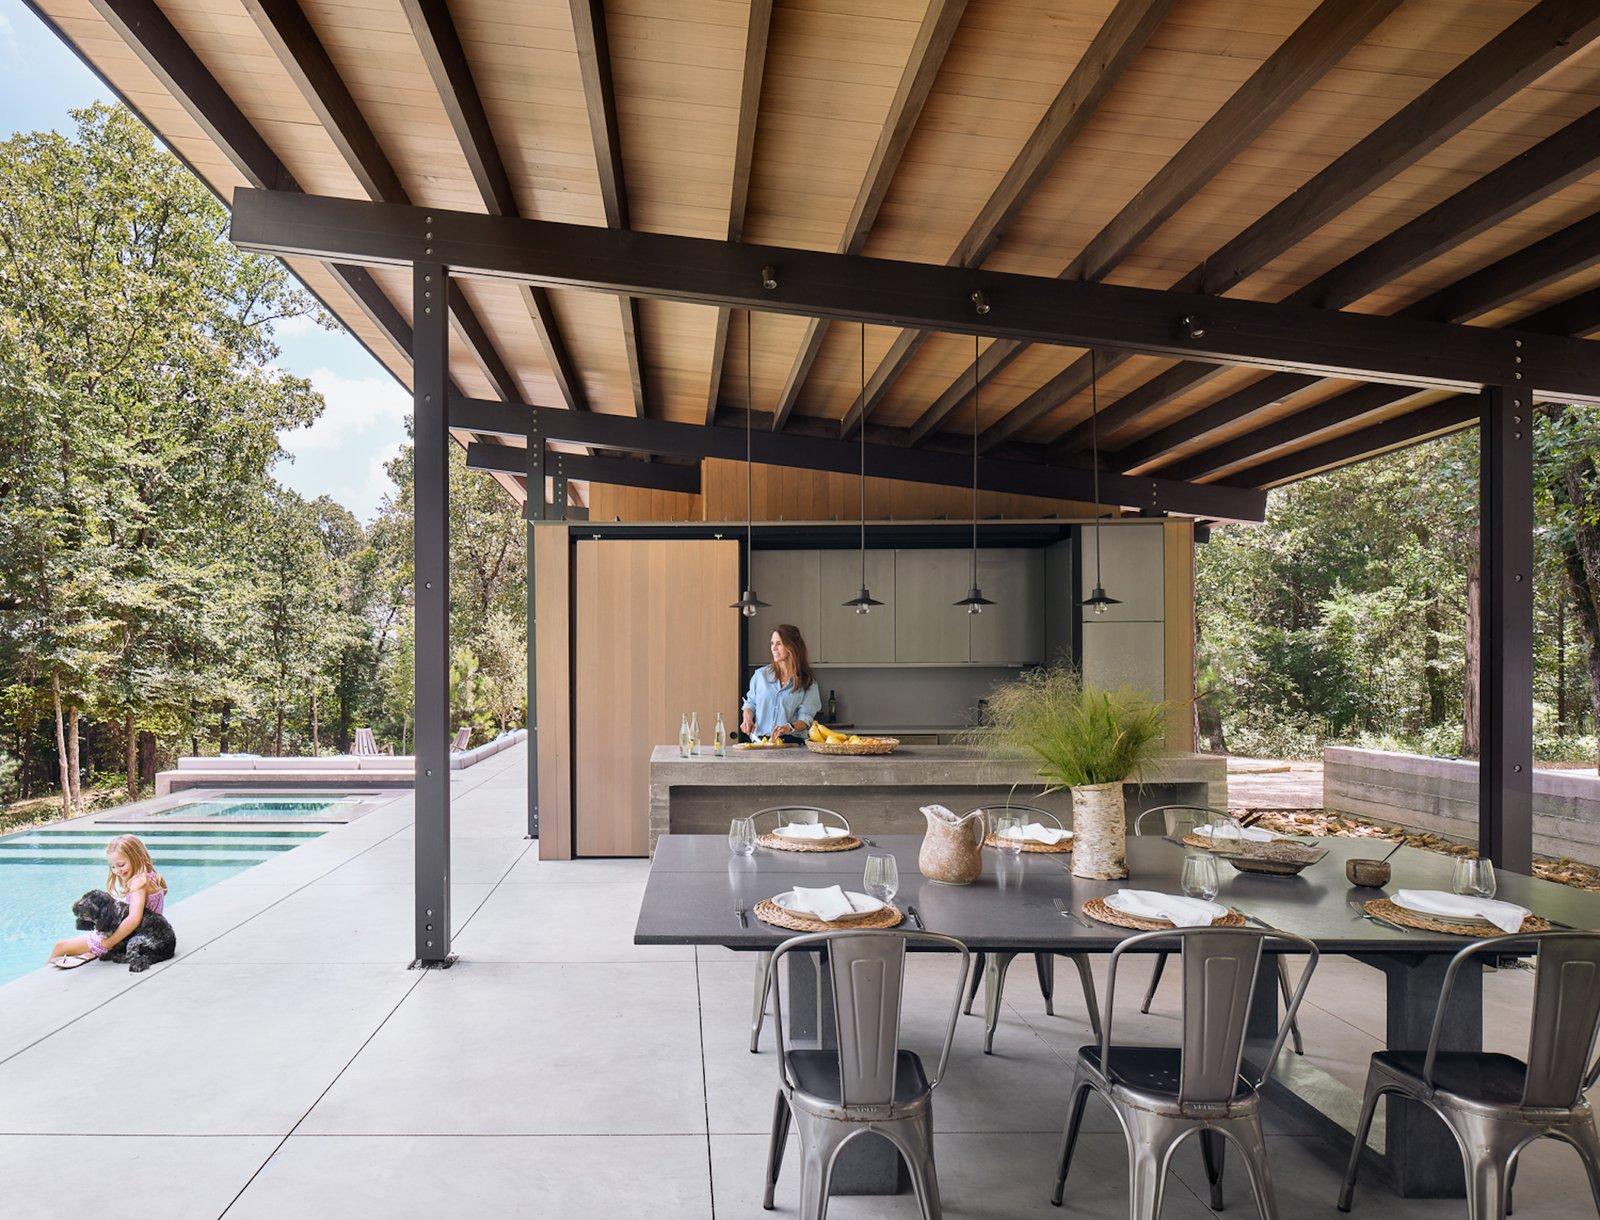 Aegan Pool House outdoor kitchen